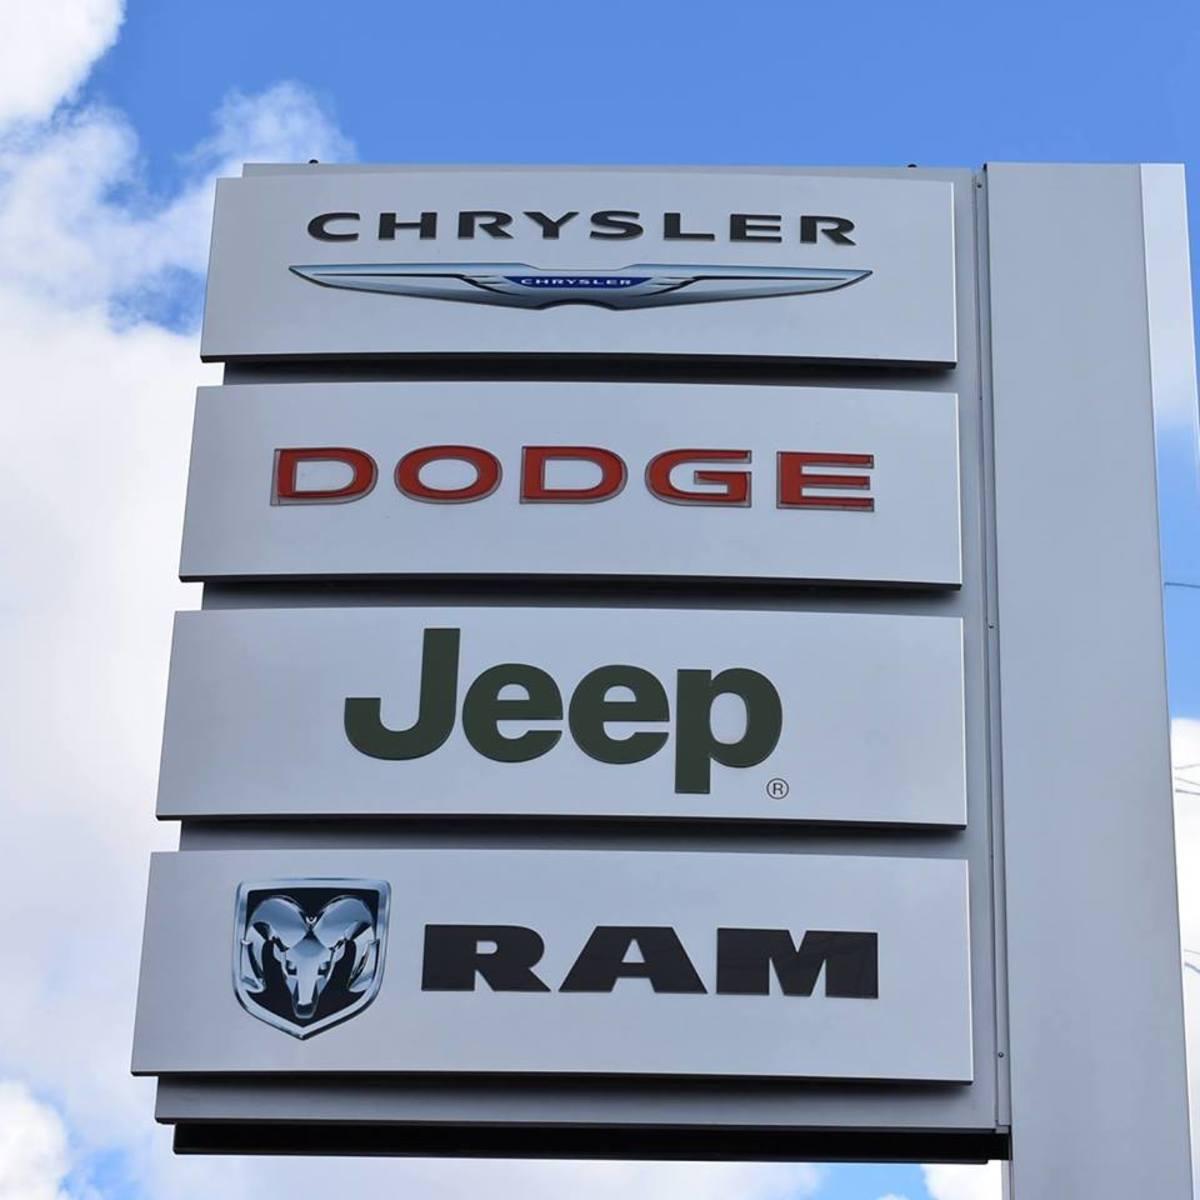 Whiteside Chrysler Dodge Jeep Ram Car Dealer In Mt Sterling Oh 43143